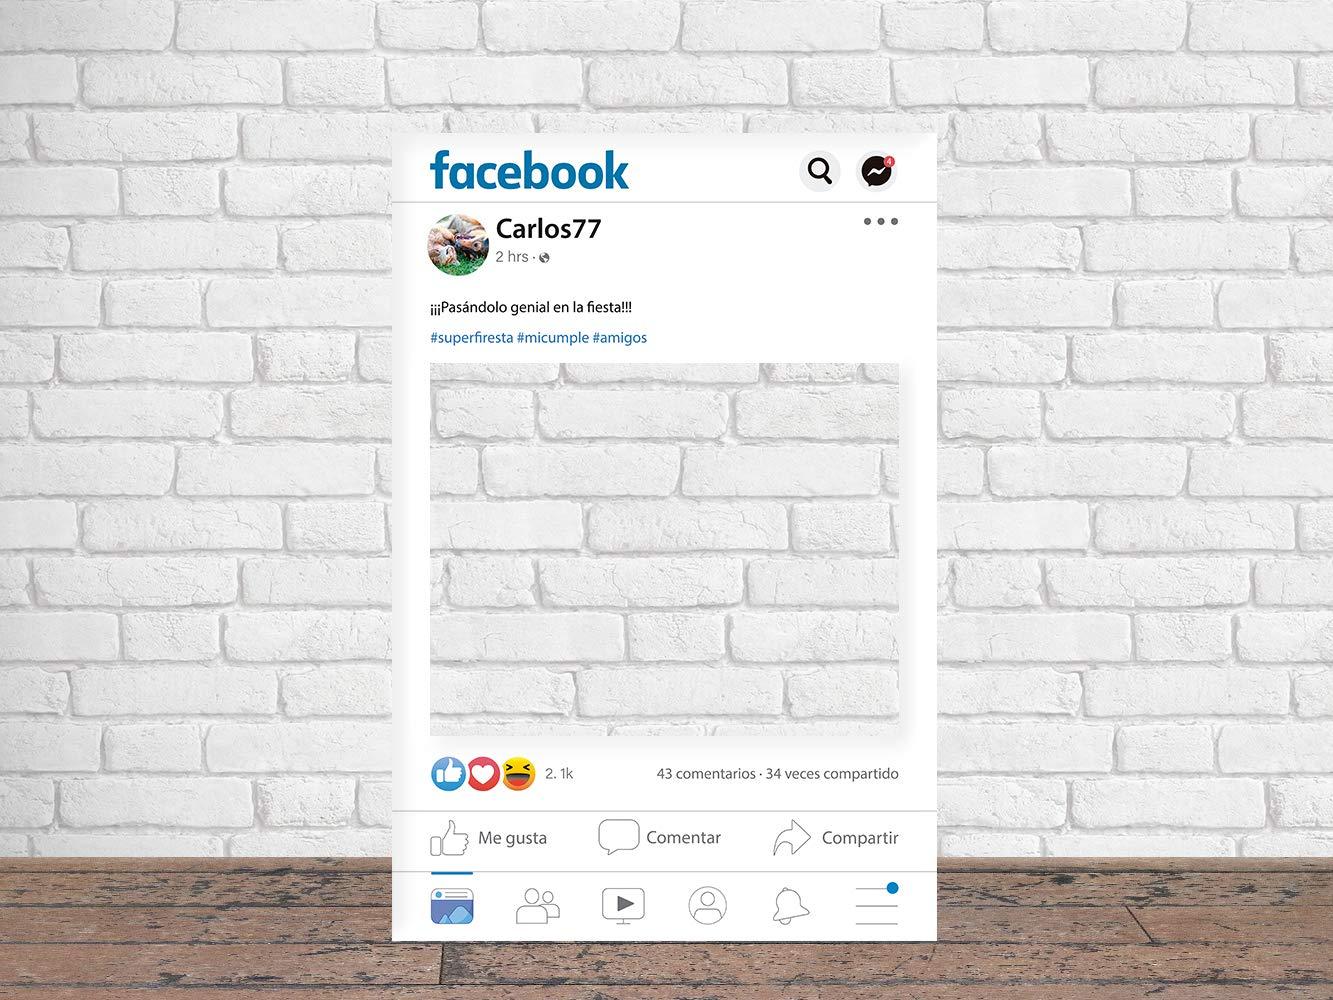 Photocall Facebook 2019 100 x 80 cm | Regalos para ...